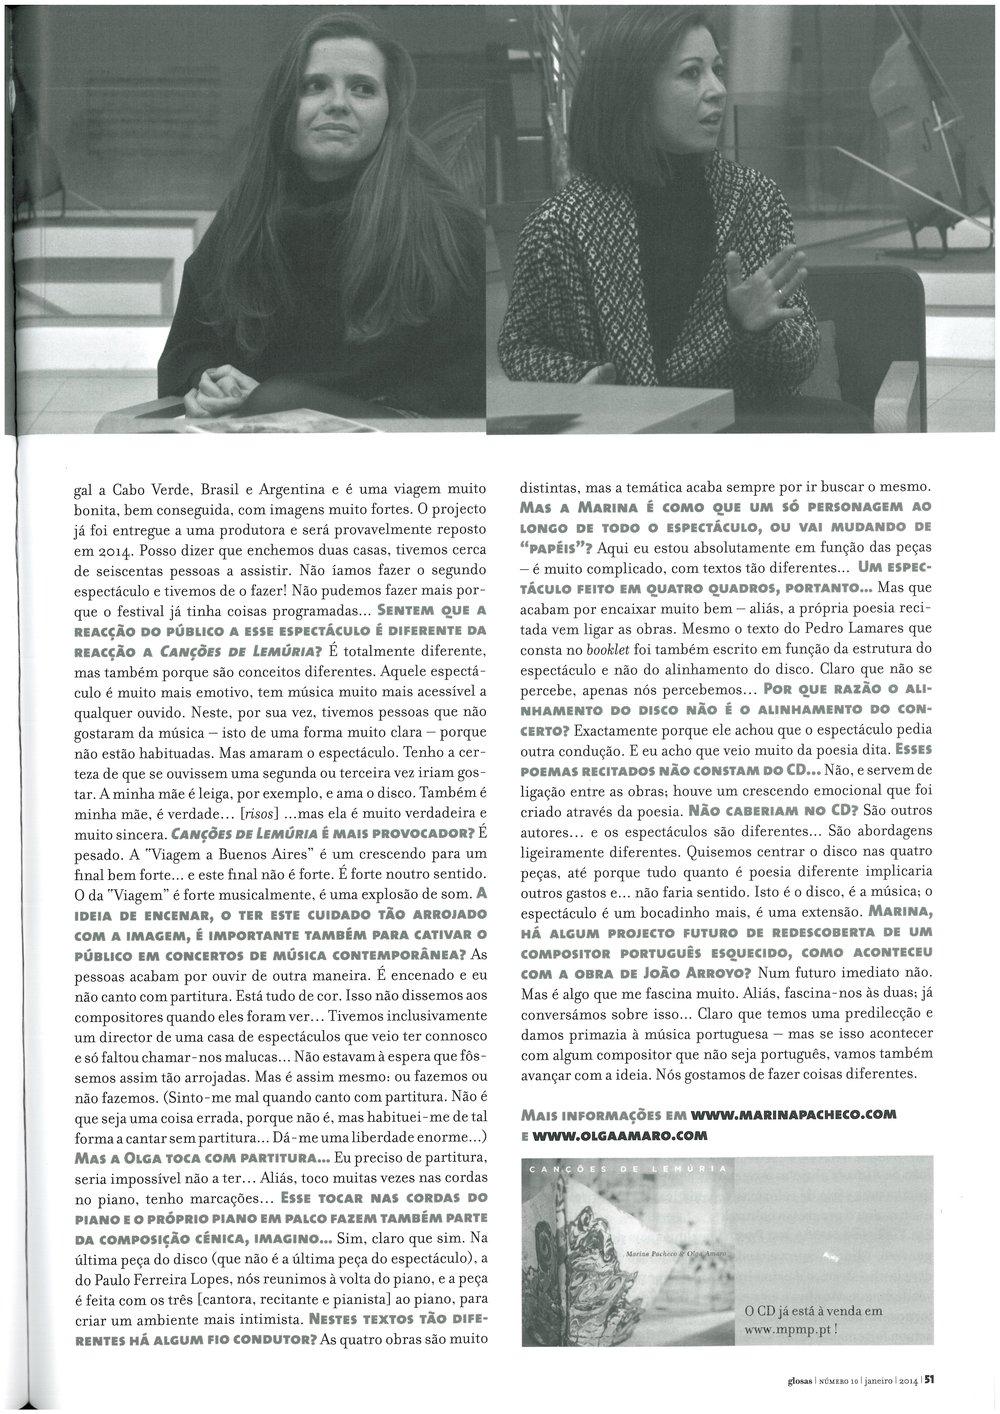 """""""Canções de Lemúria"""" in Glosas (2)"""